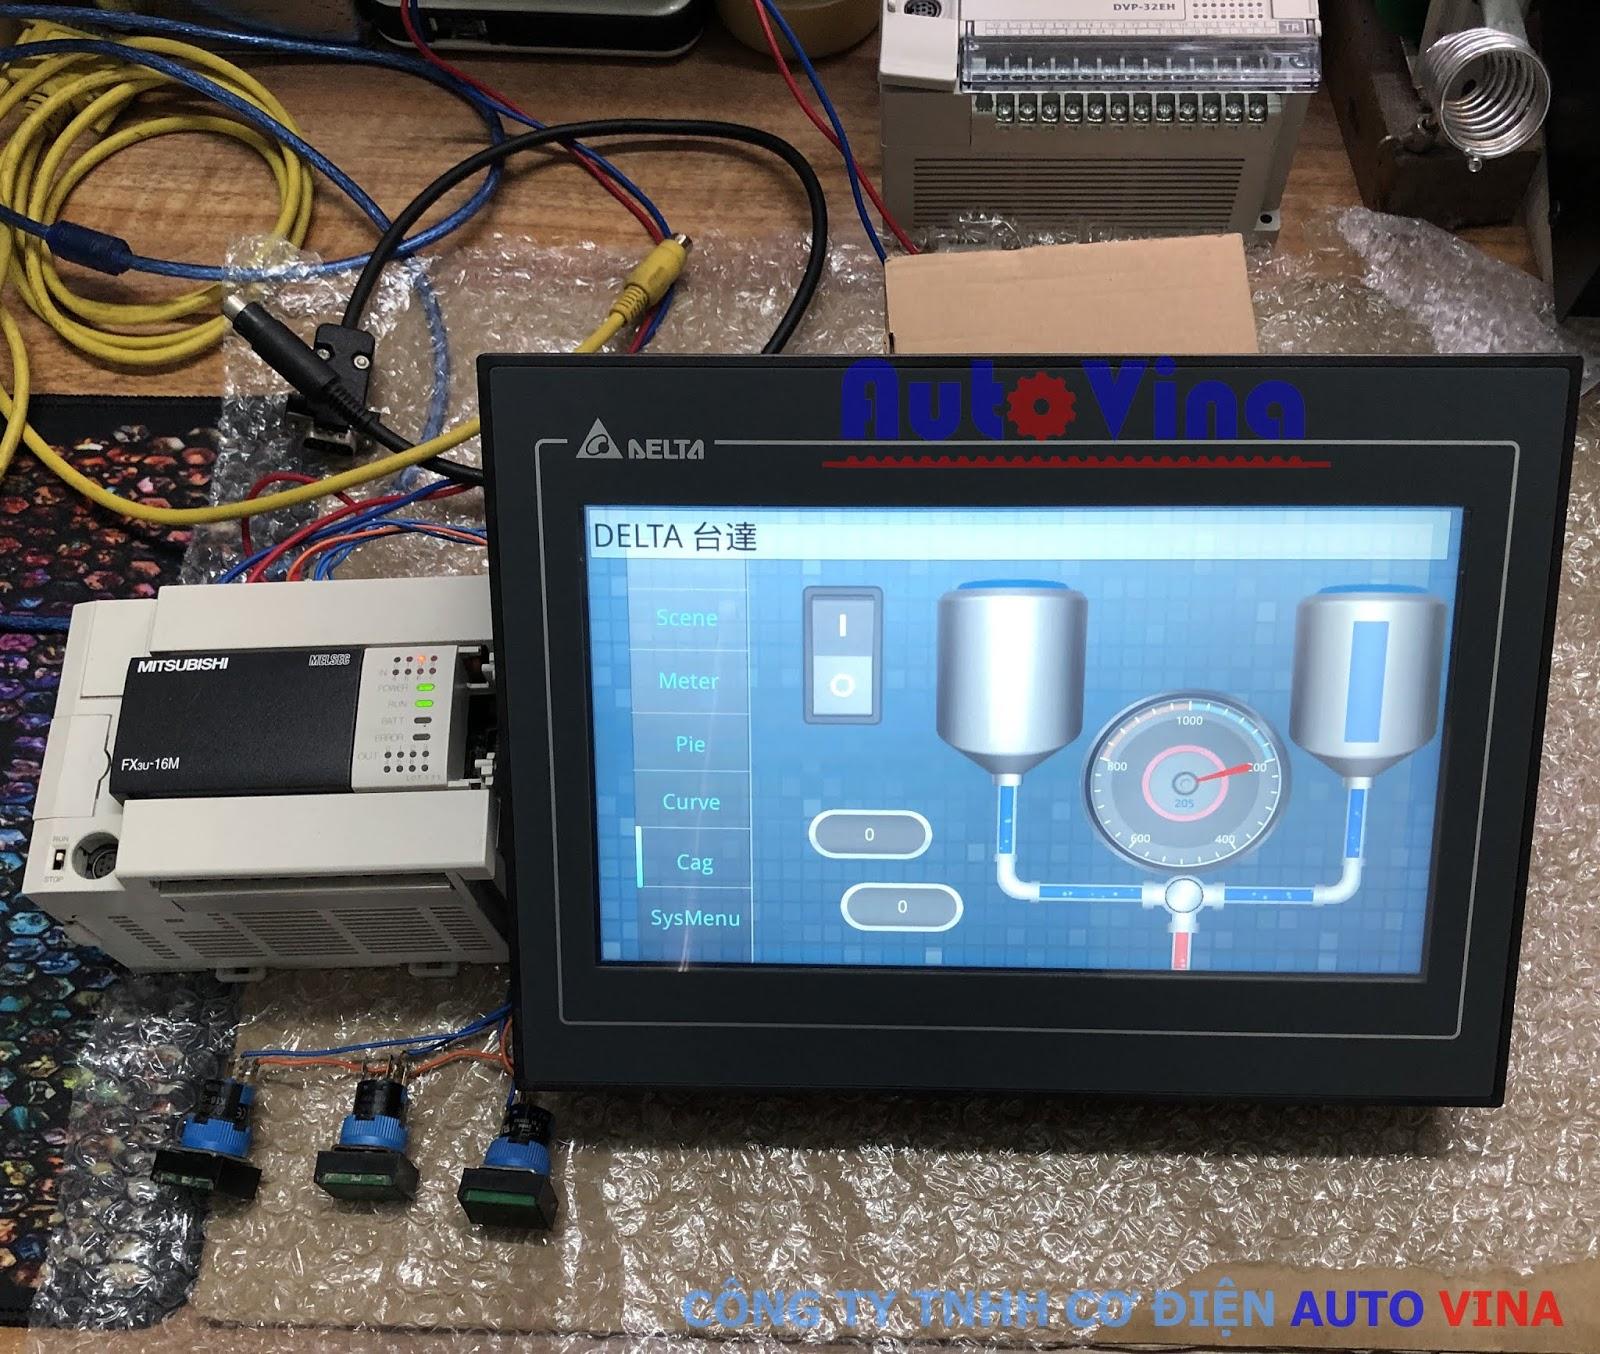 Hướng dẫn lập trình HMI Delta tự động hiển thị trang báo lỗi theo tín hiệu PLC Mitsubishi